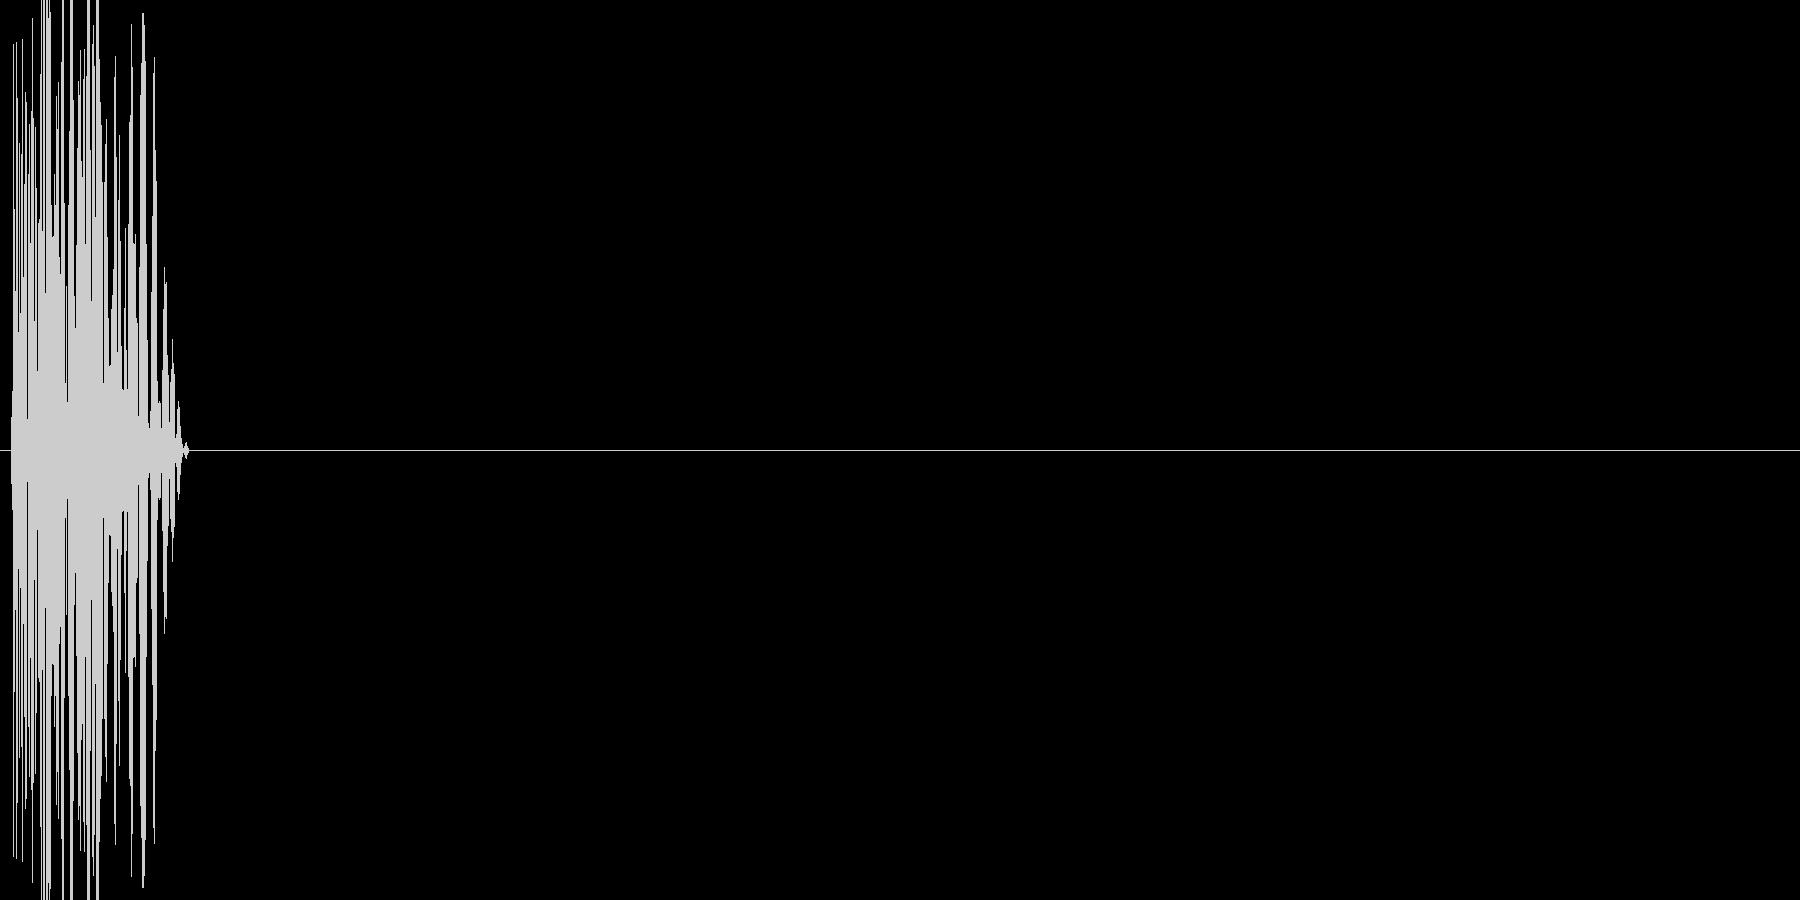 ボタン・カーソル・操作音 「コッ」の未再生の波形